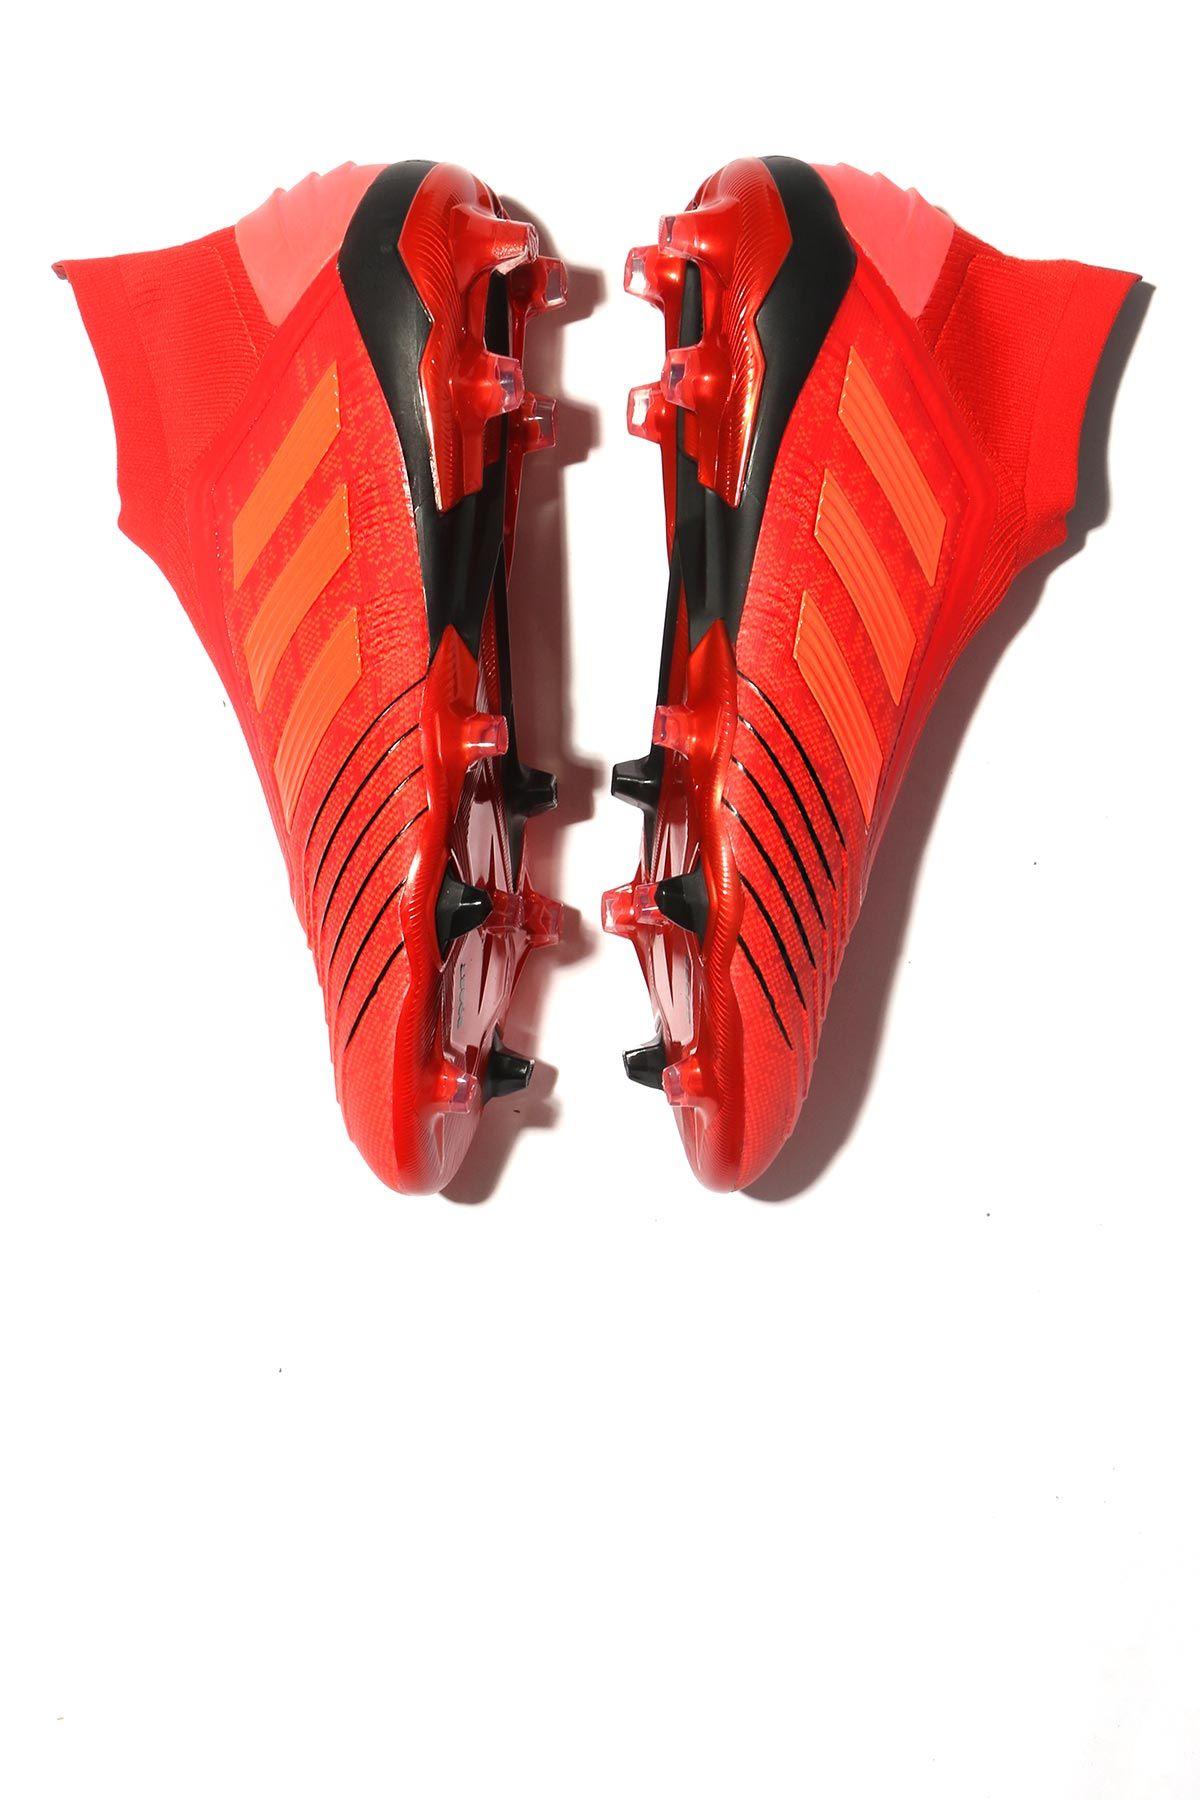 facil de manejar Sitio de Previs Nido  adidas bota rojas Hombre Mujer niños - Envío gratis y entrega rápida,  ¡Ahorros garantizados y stock permanente!